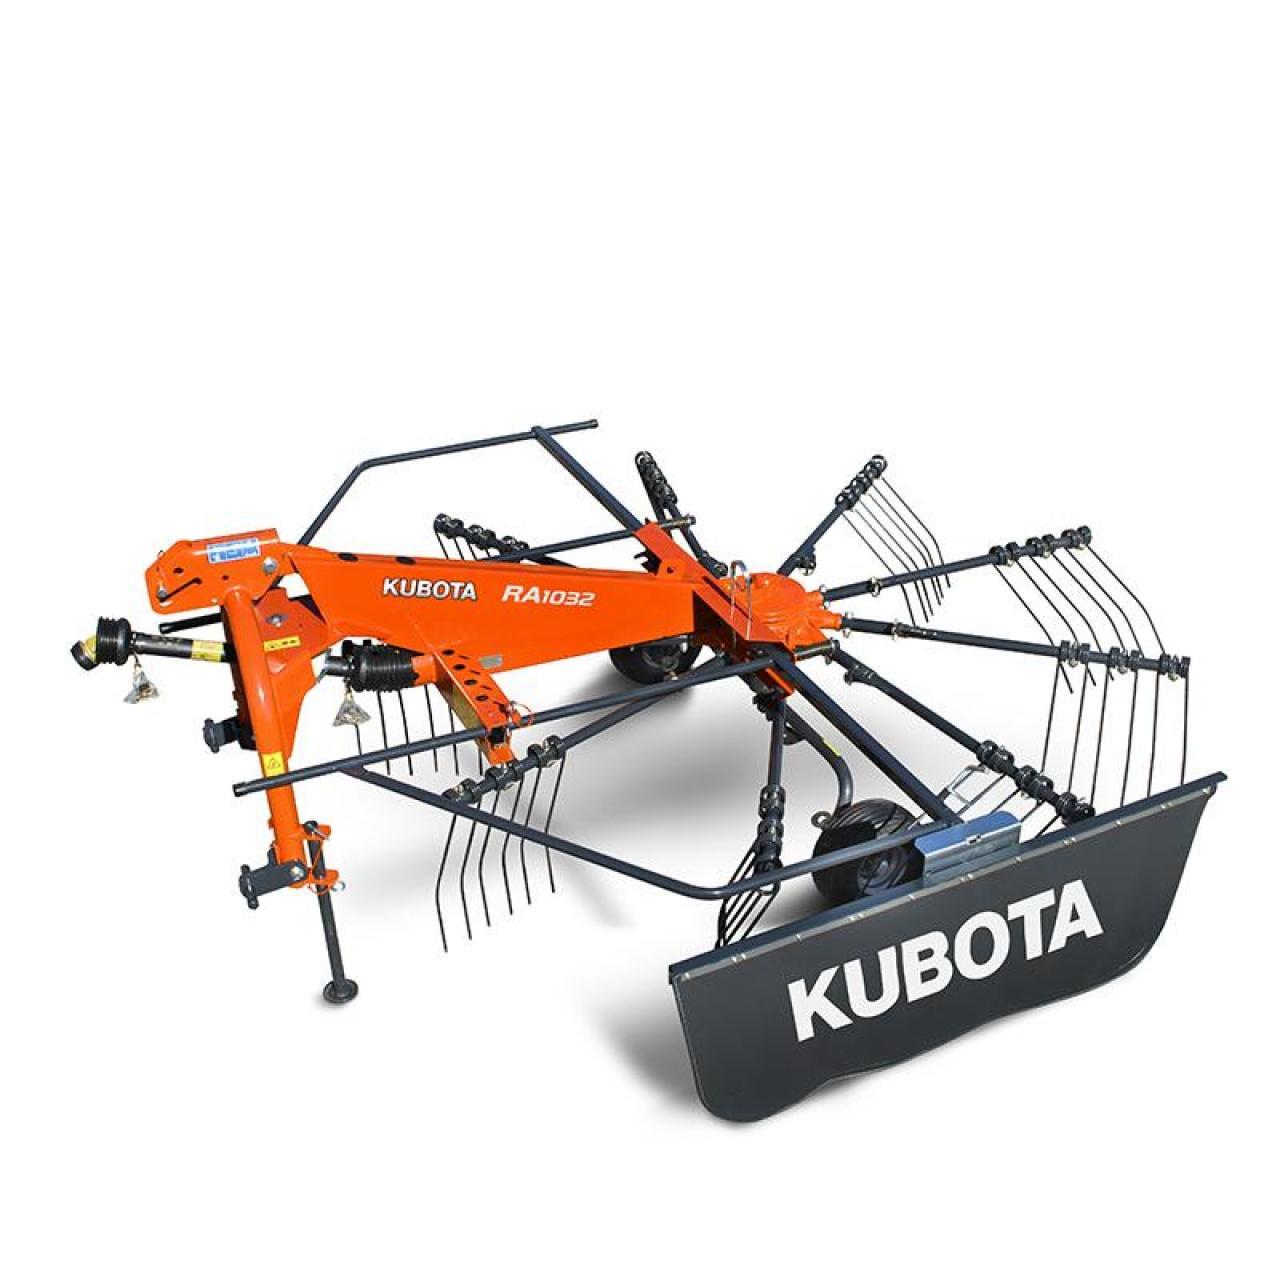 Kubota RA1039